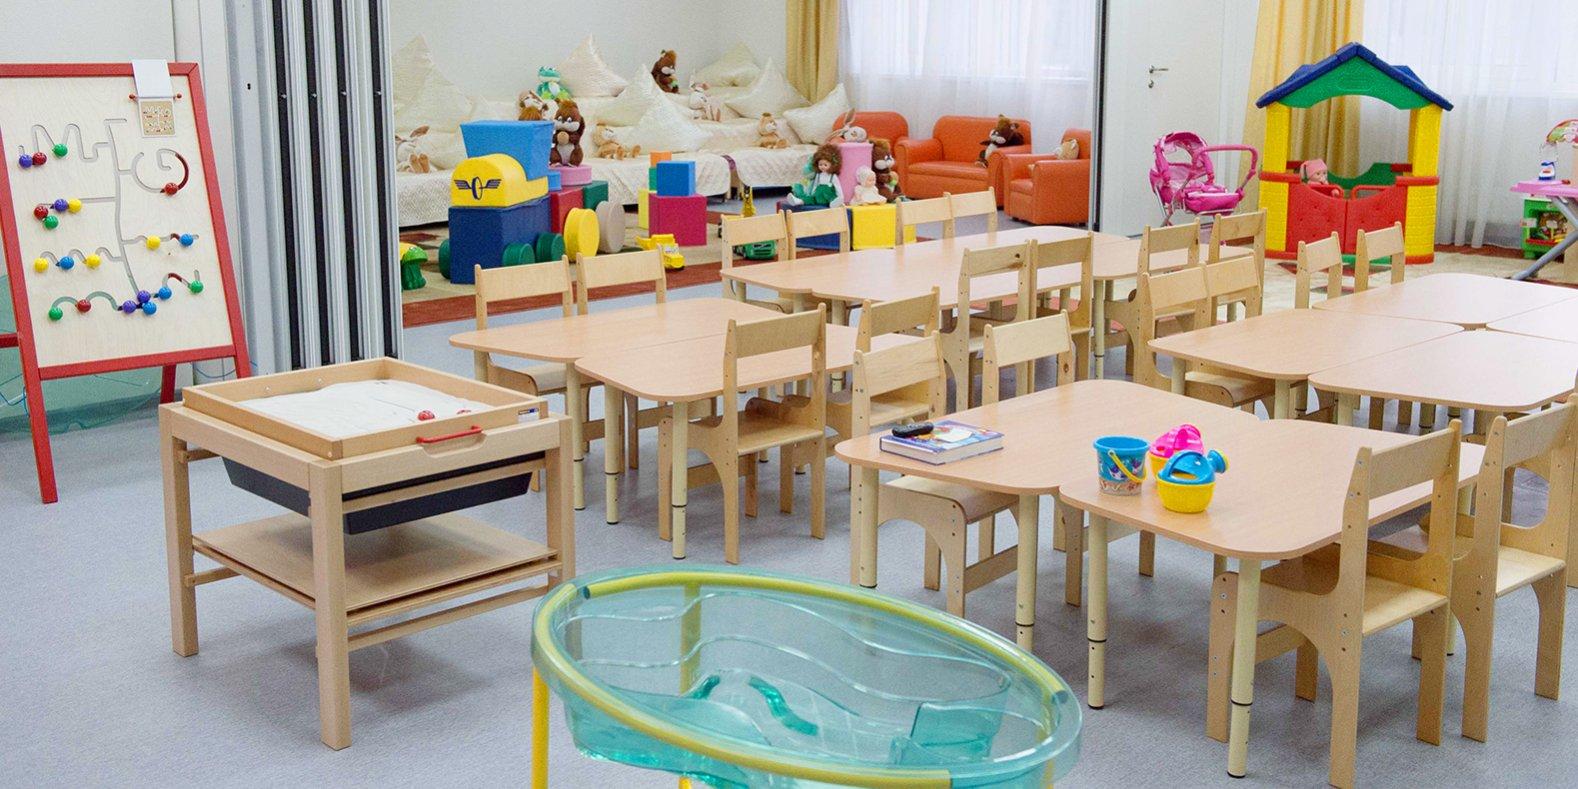 Учебный корпус с детским садом построят на Фестивальной улице. Фото:  mos.ru